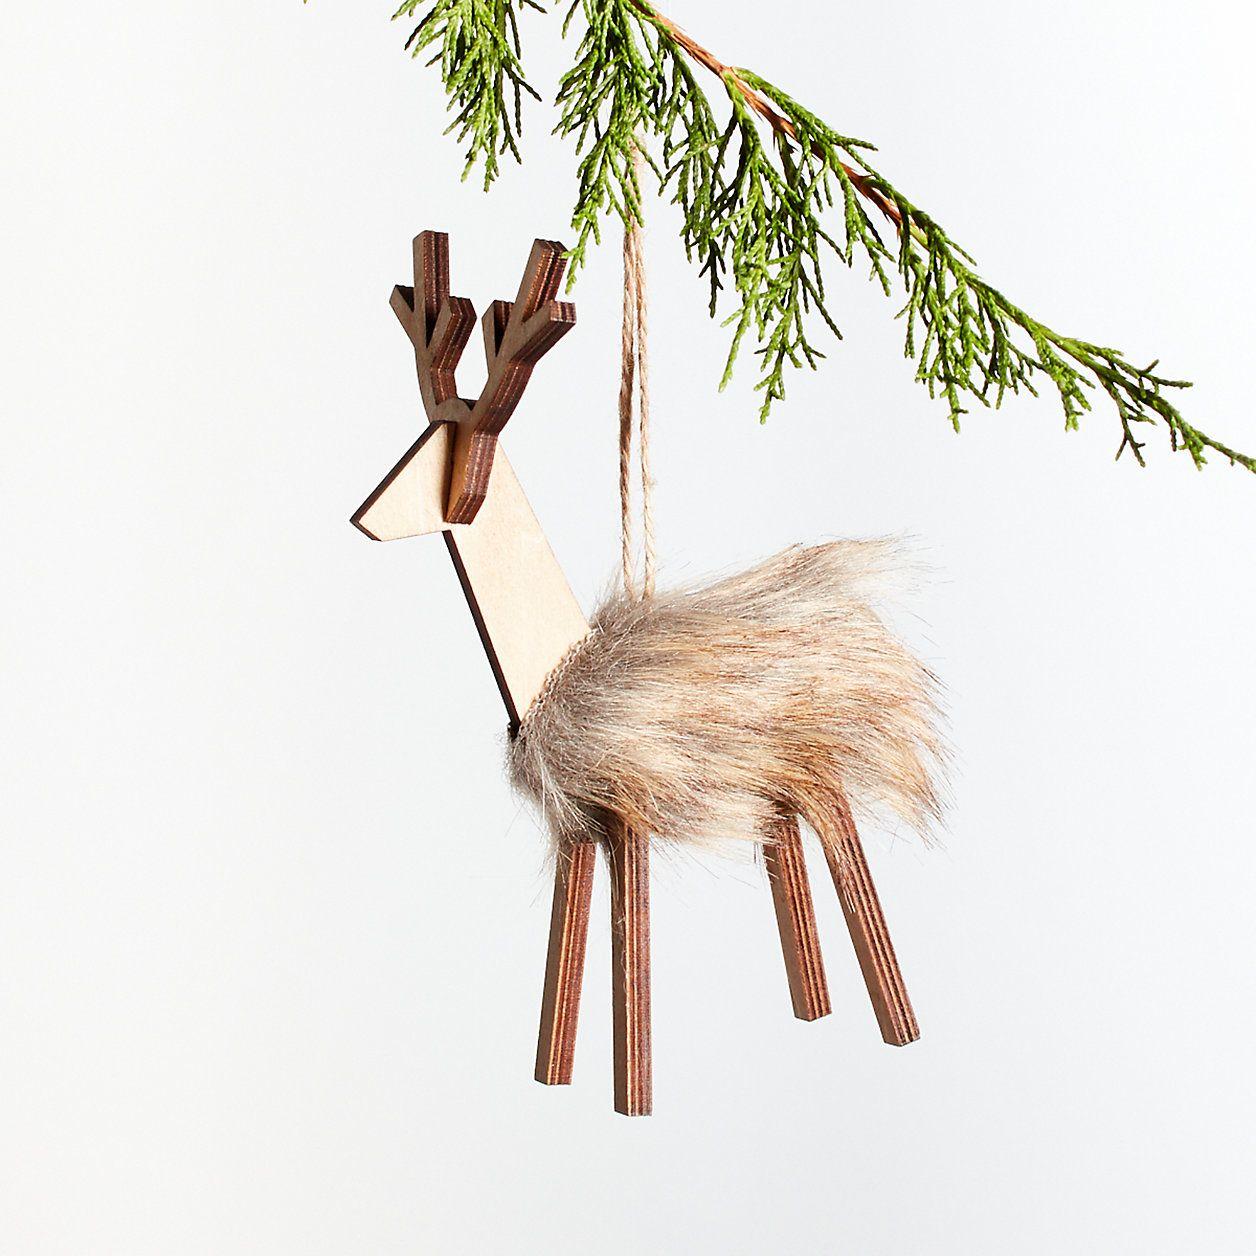 Pin By Megan Pelto On Christmas Reindeer Wood Reindeer Reindeer Ornaments Christmas Ornaments